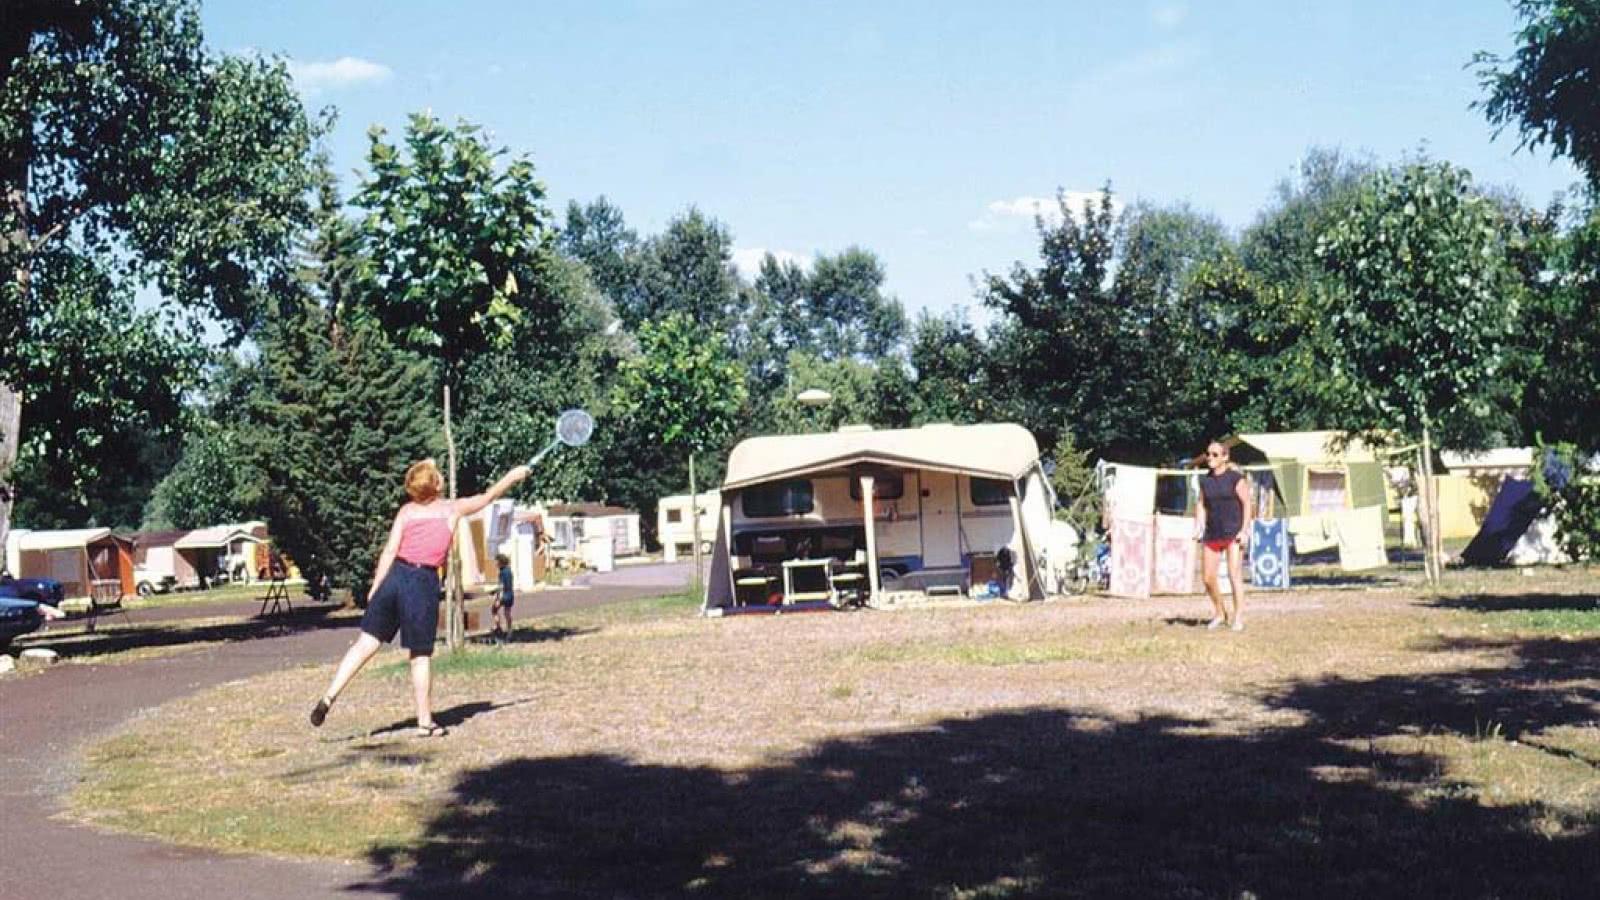 Aire extérieure de camping car le pré des laveuses